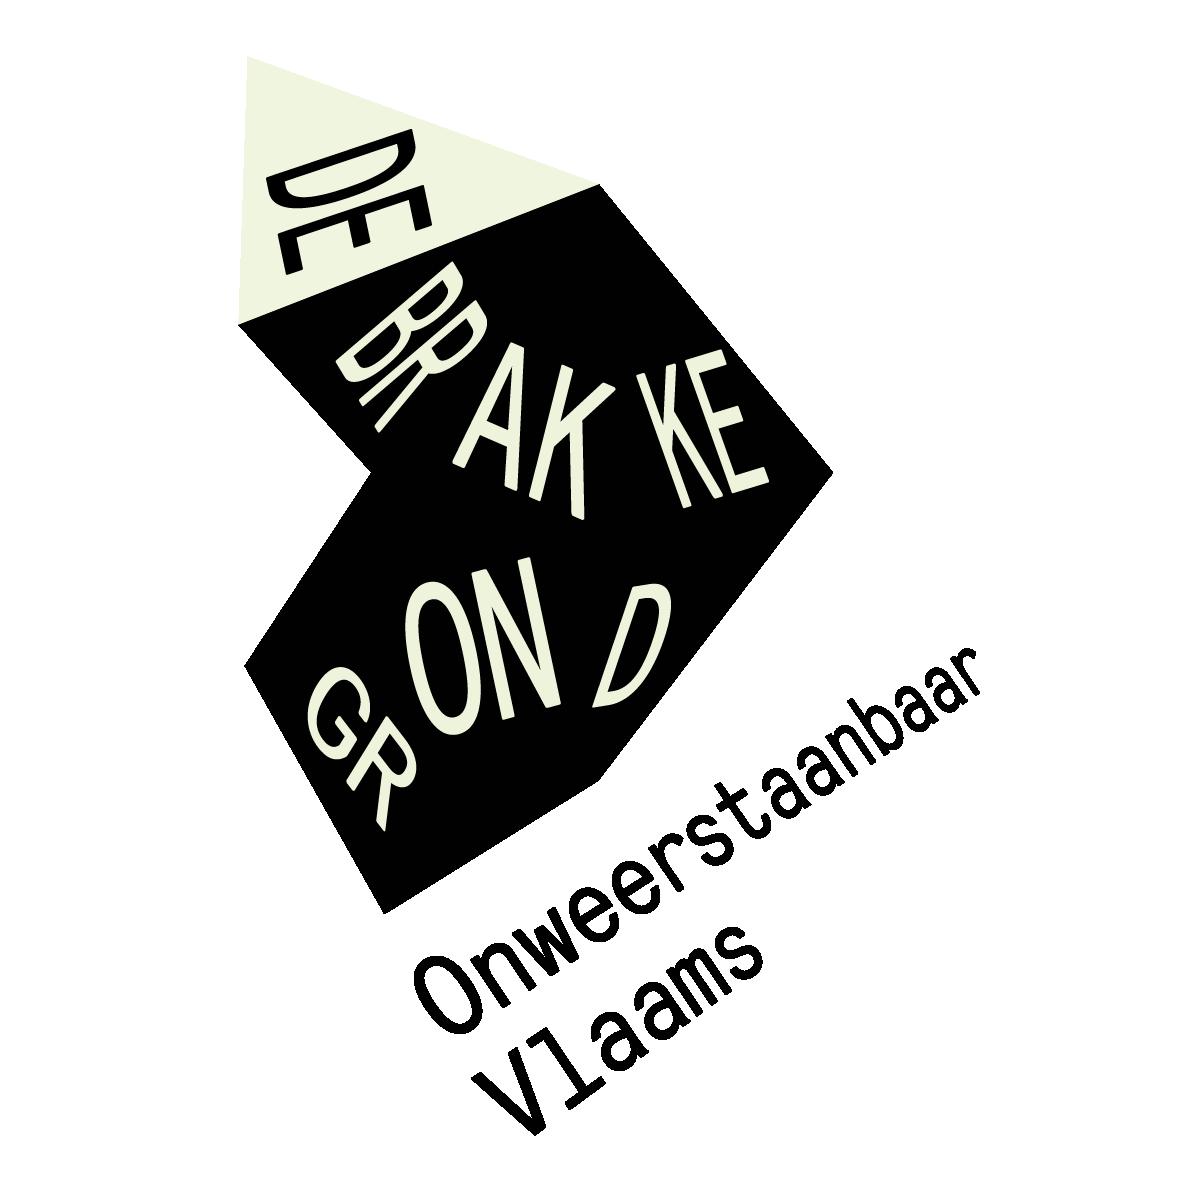 Logo_de_brakke_grond_web